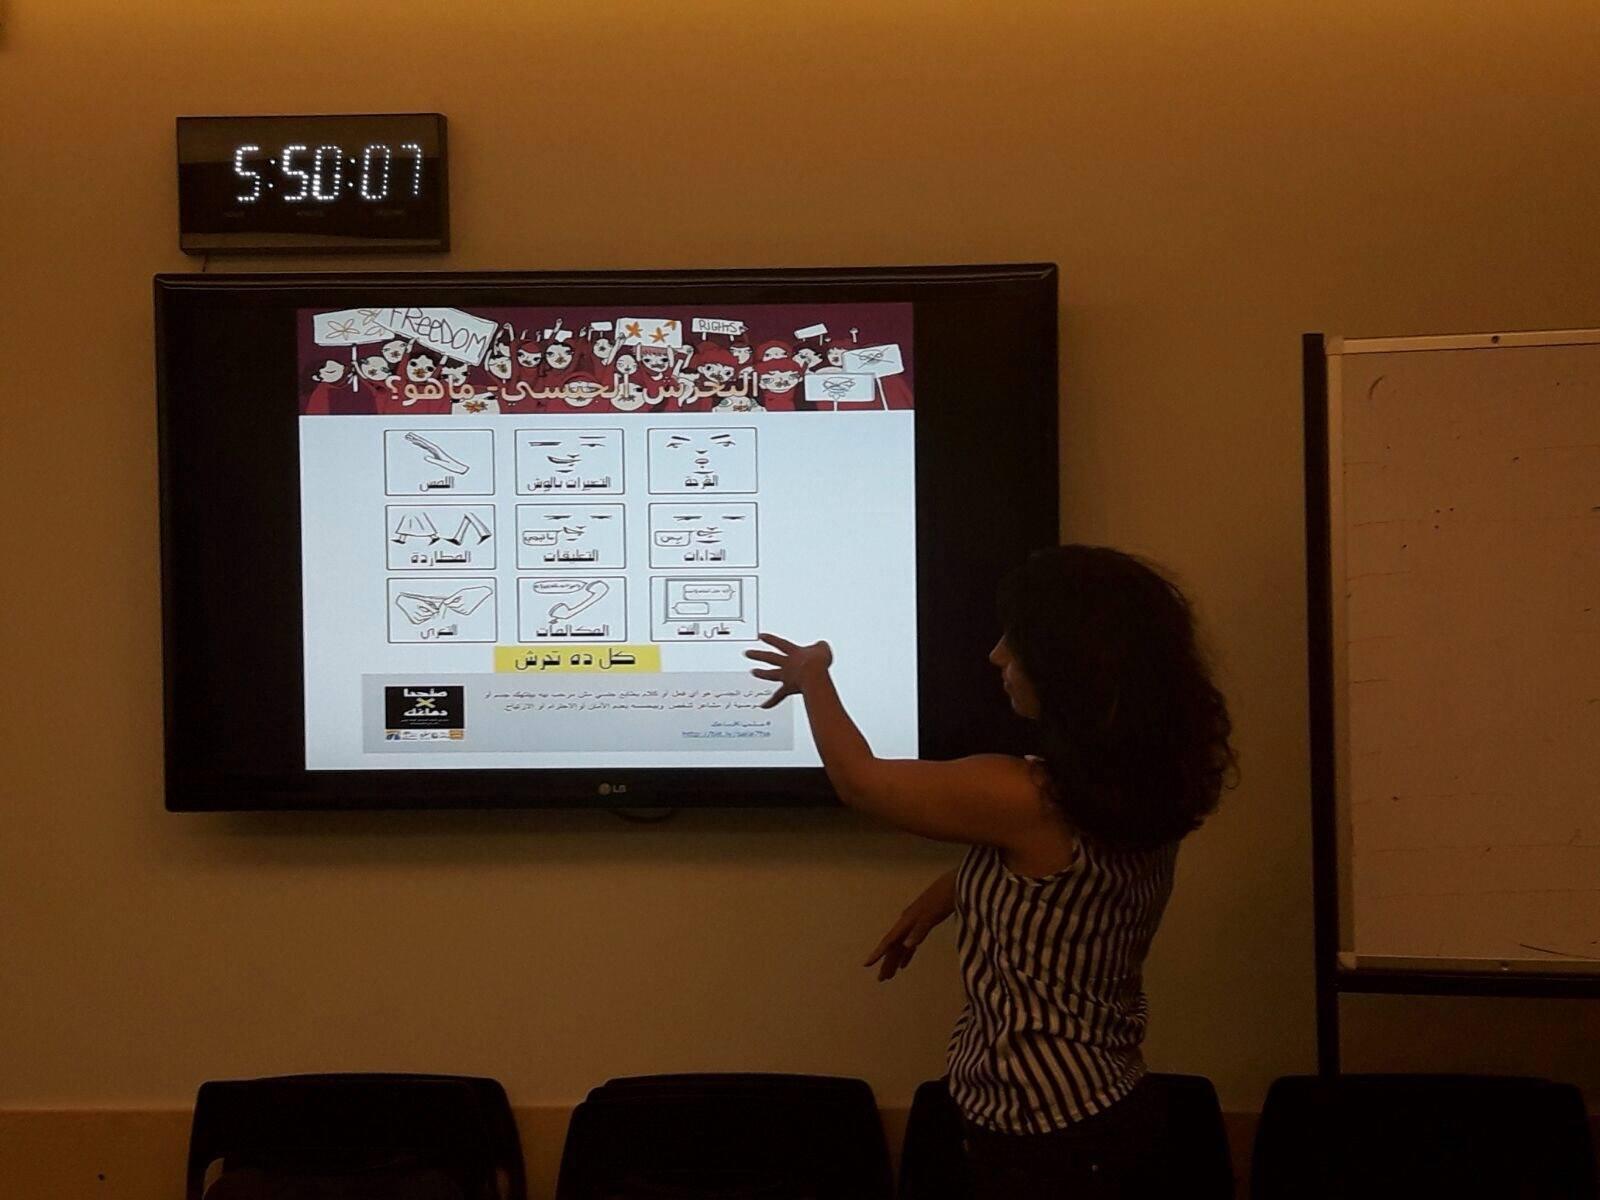 كيان تنظم ورشة تدريبية لموظفي القوى العاملة في مجلس التعليم العالي عن التحرش الجنسي بالعمل